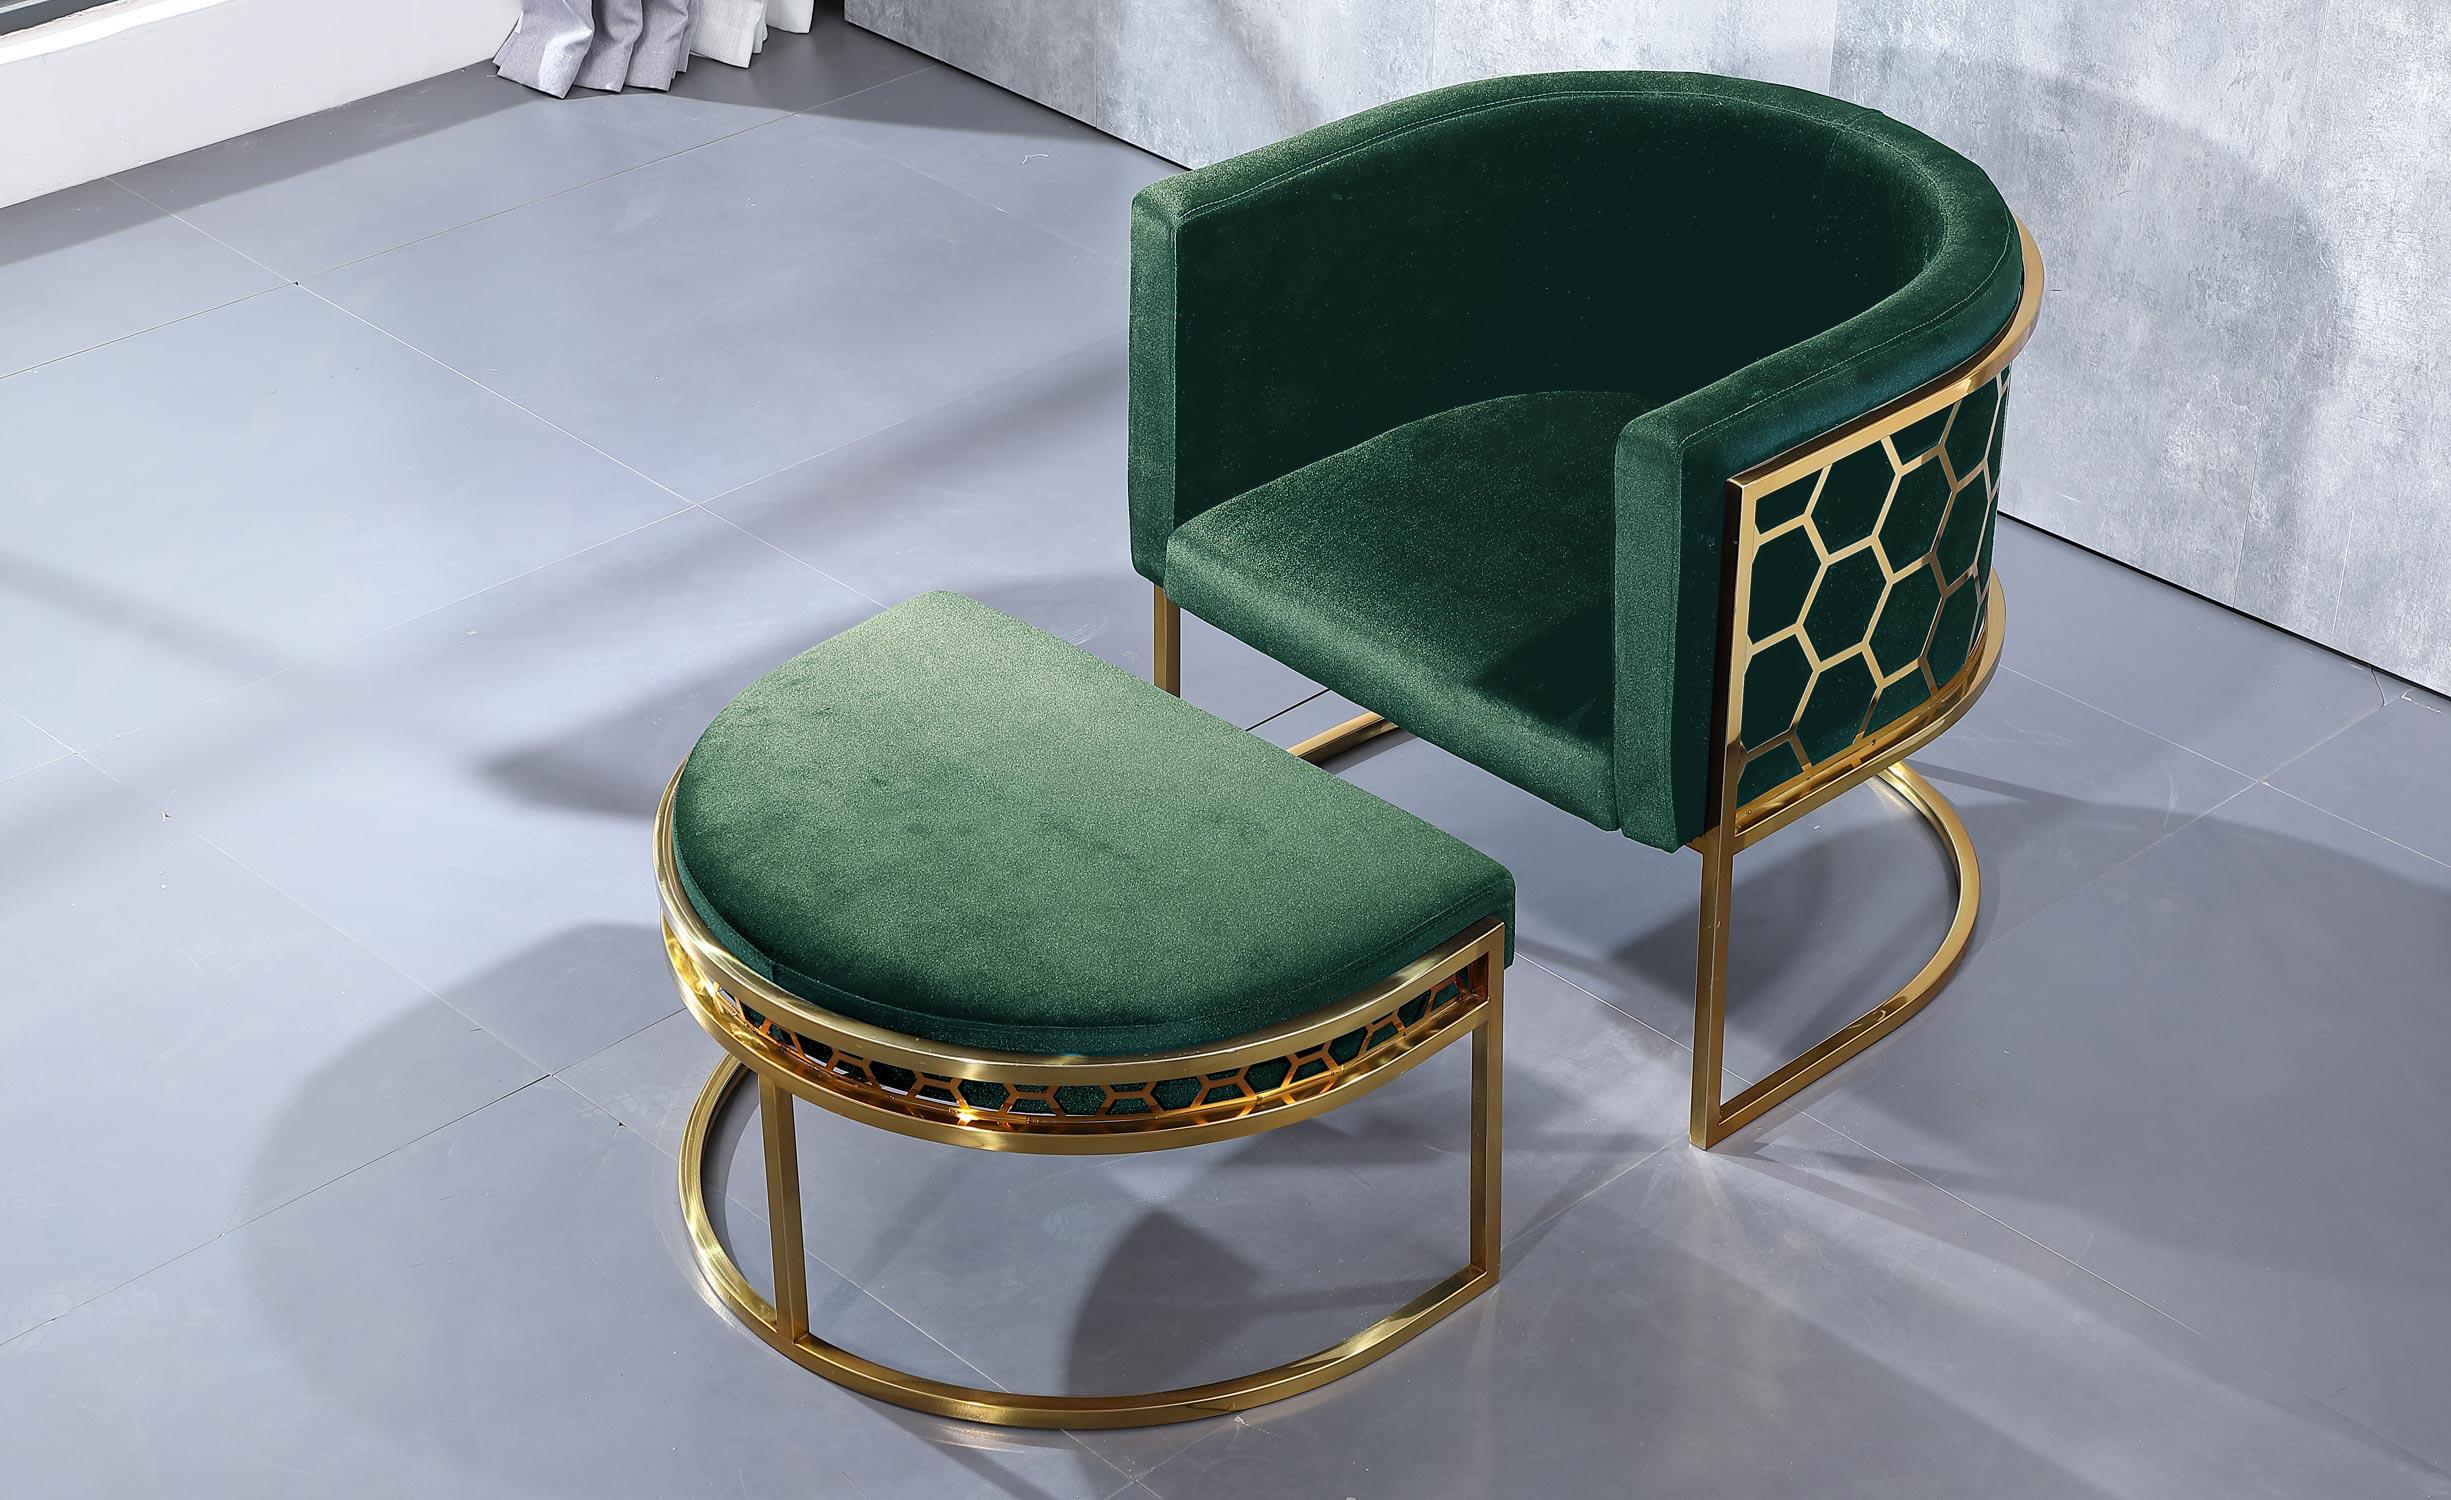 Honey Runder Sessel mit Samtbezug Grün